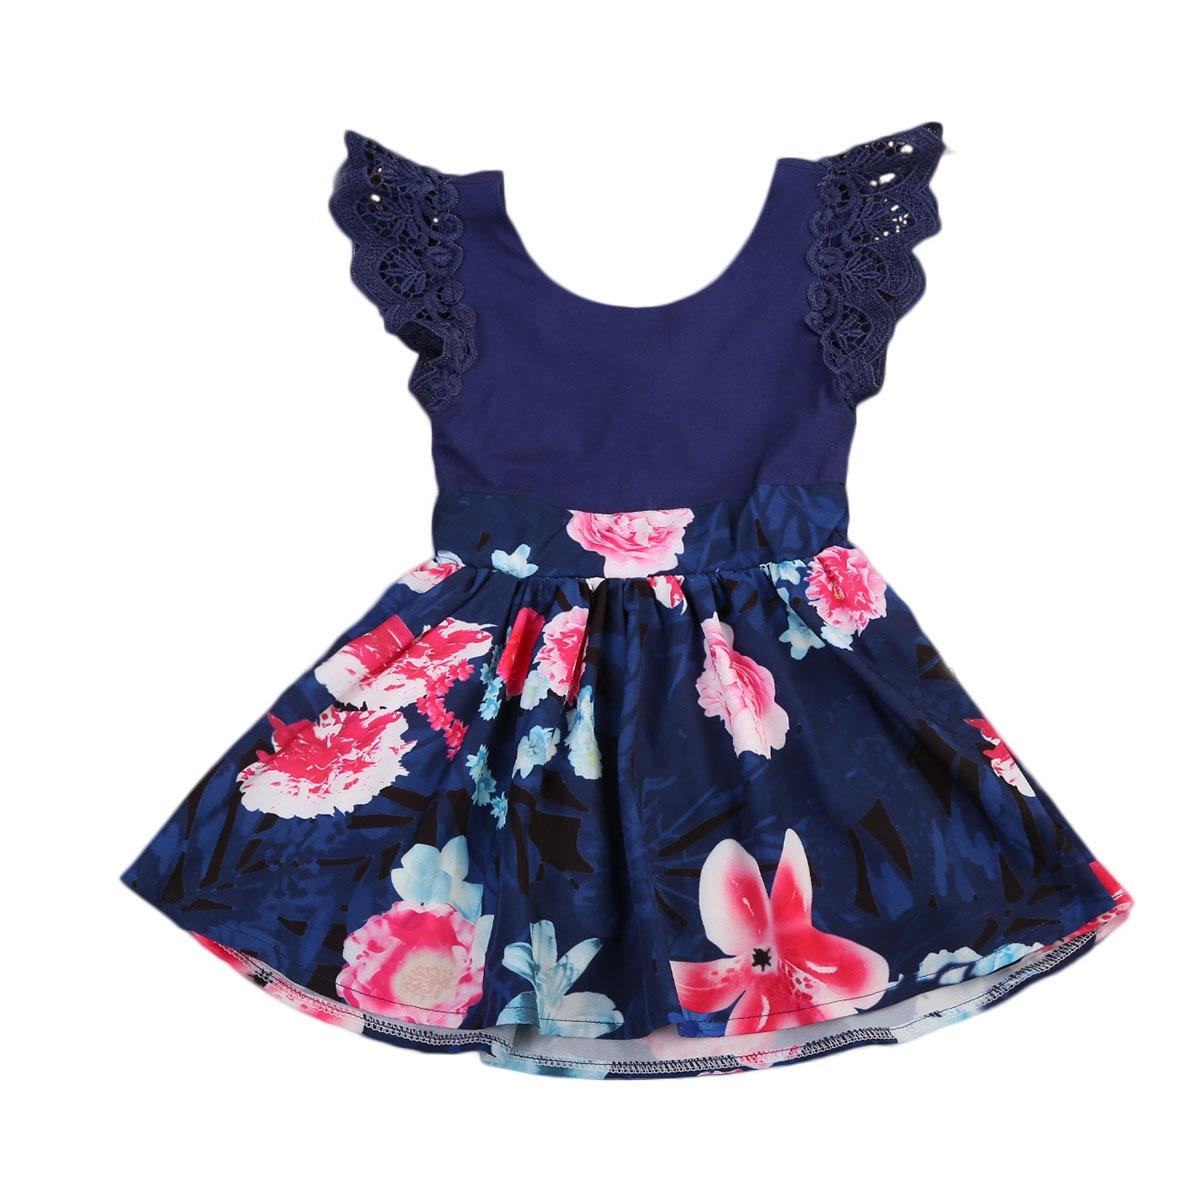 Babykleidung Mädchen Kleider Gelernt Floral Sommer Baby Mädchen Kleid Kleinkind Mädchen Blume Ballkleid Kinder Kleidung Kinder Baby Mädchen Casual Kleider Für Mädchen 2-6 Jahre